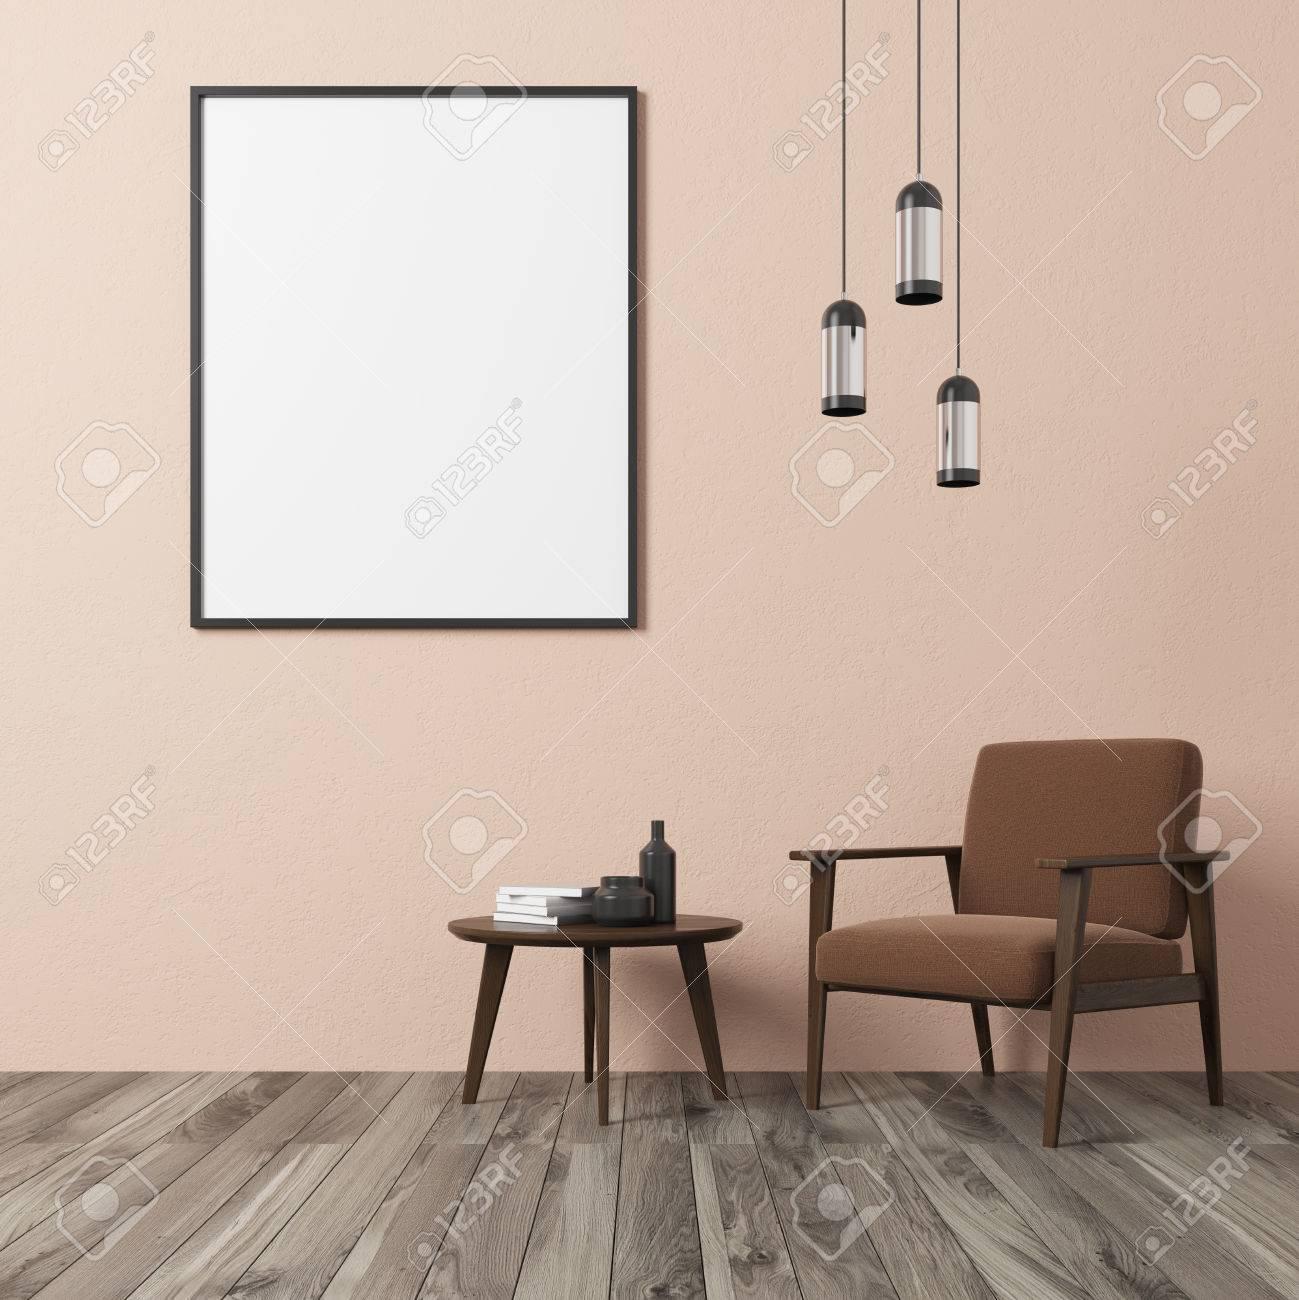 Salon De Mur Beige Intérieur Avec Fauteuil Marron, Table à Café Avec ...